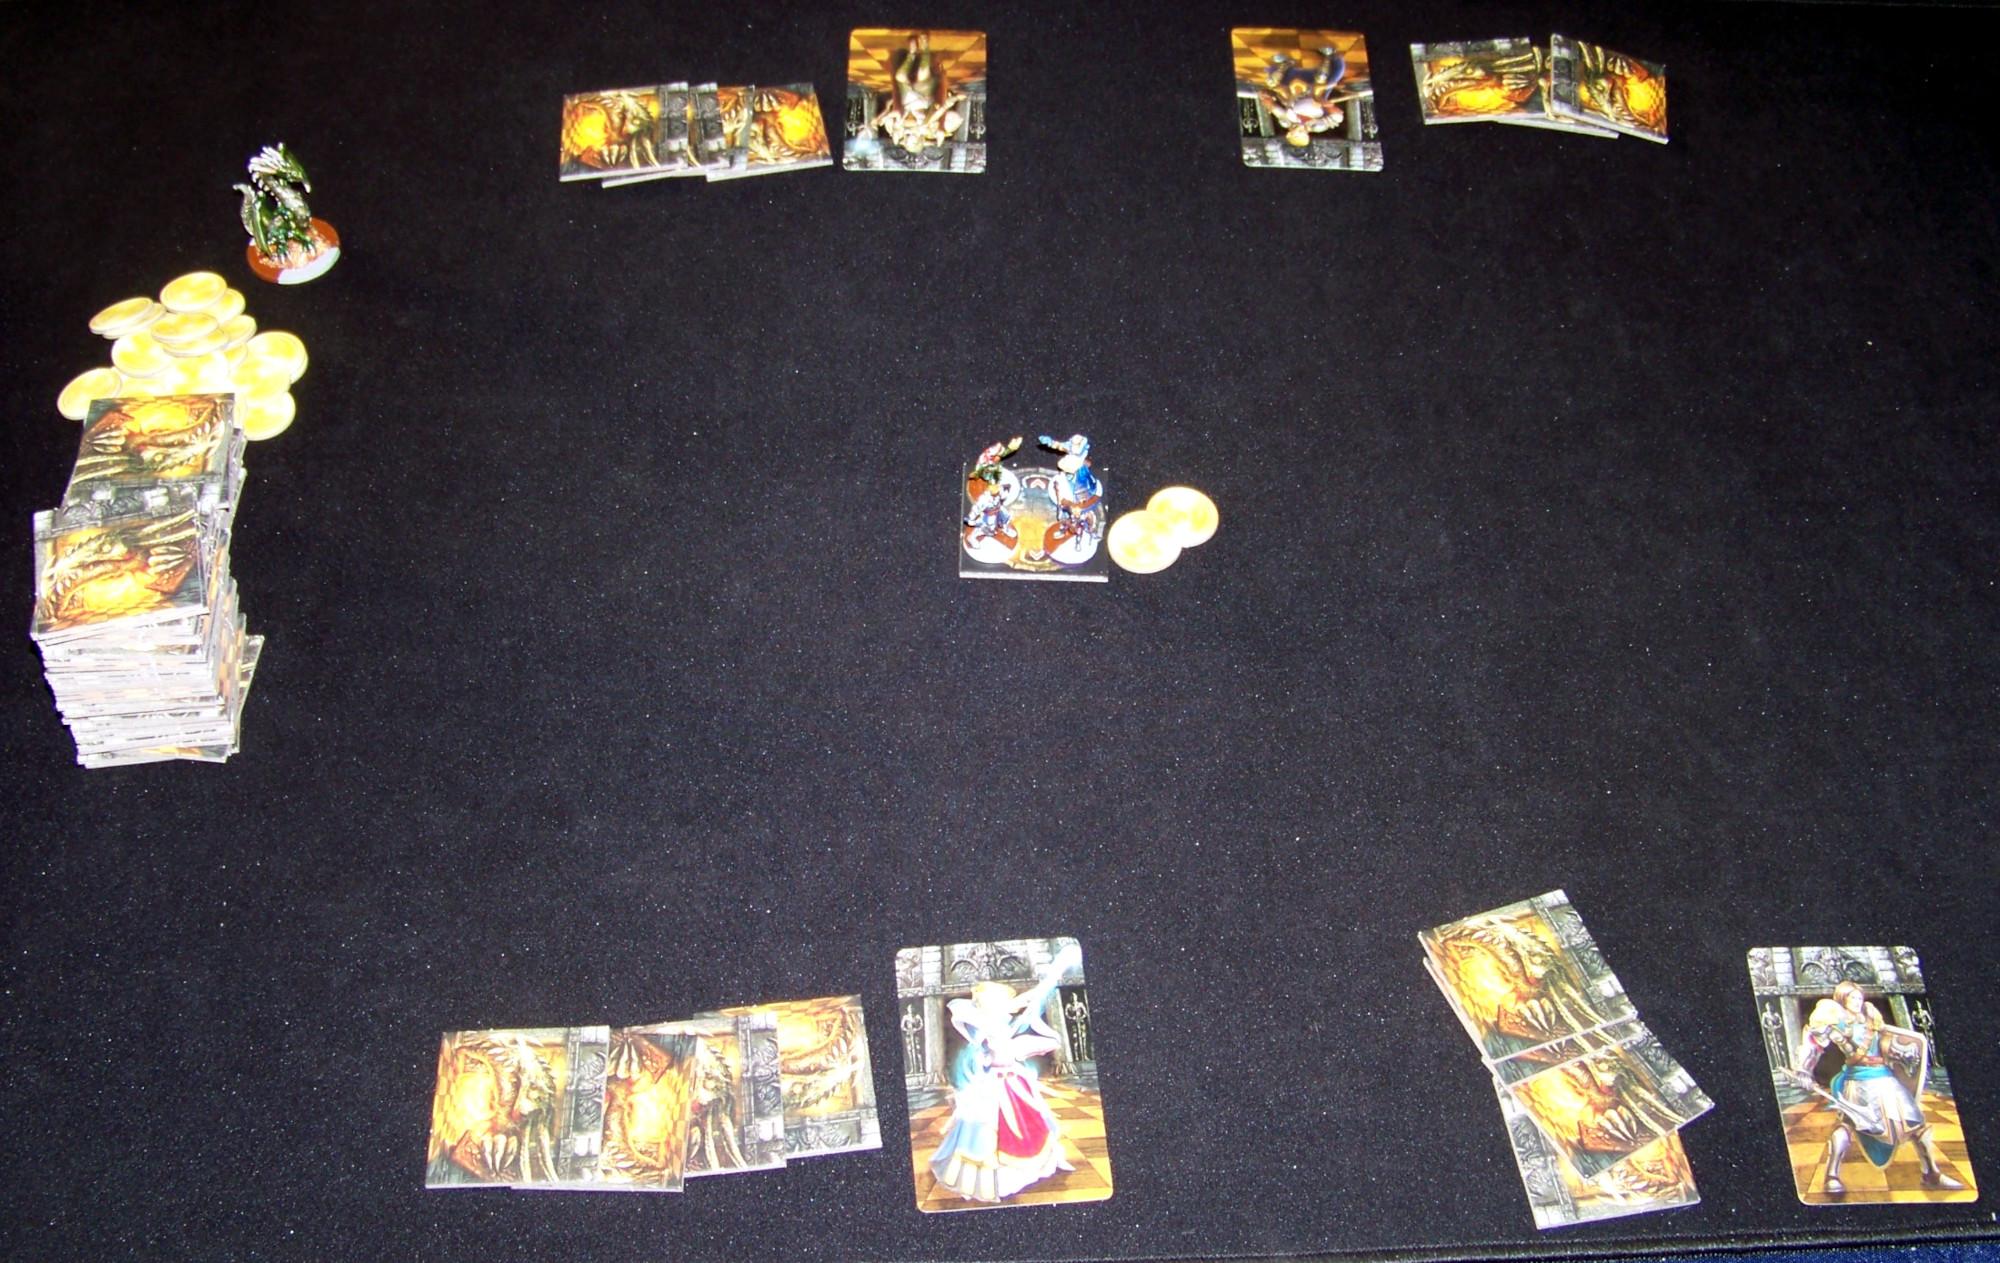 Juego de mesa Drakon - despliegue